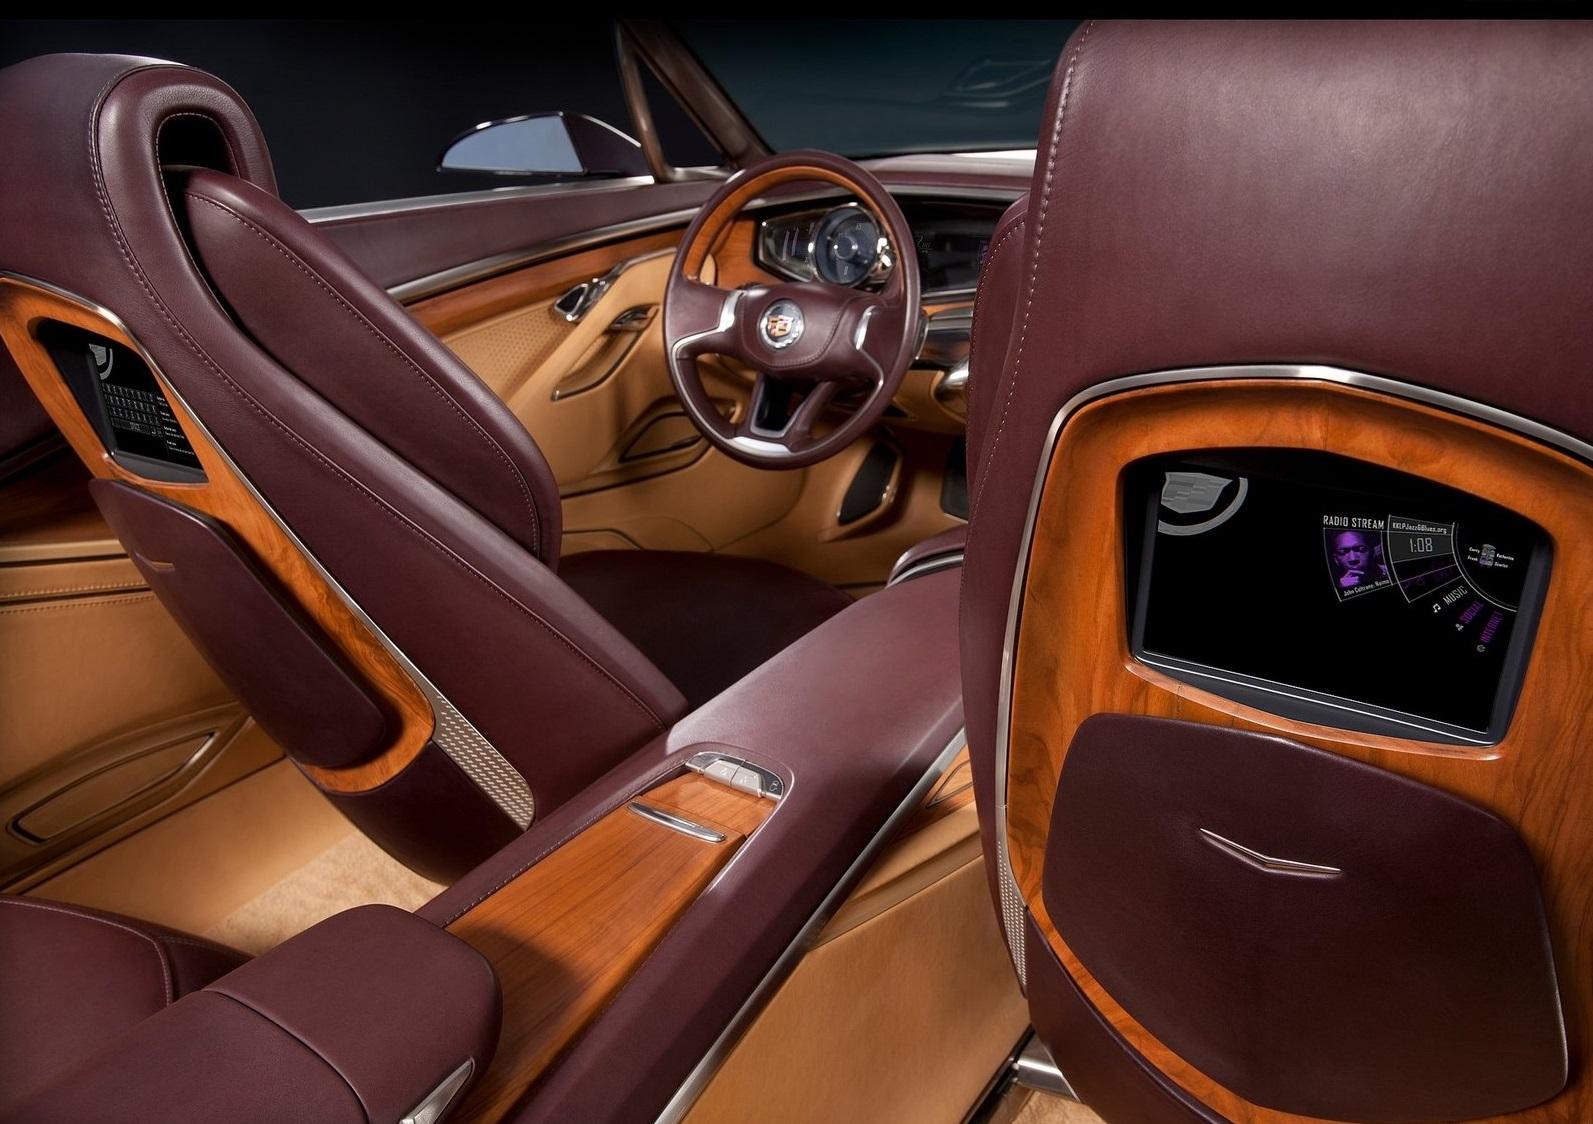 Cadillac Ciel до зубов оснащен новейшими технологиями